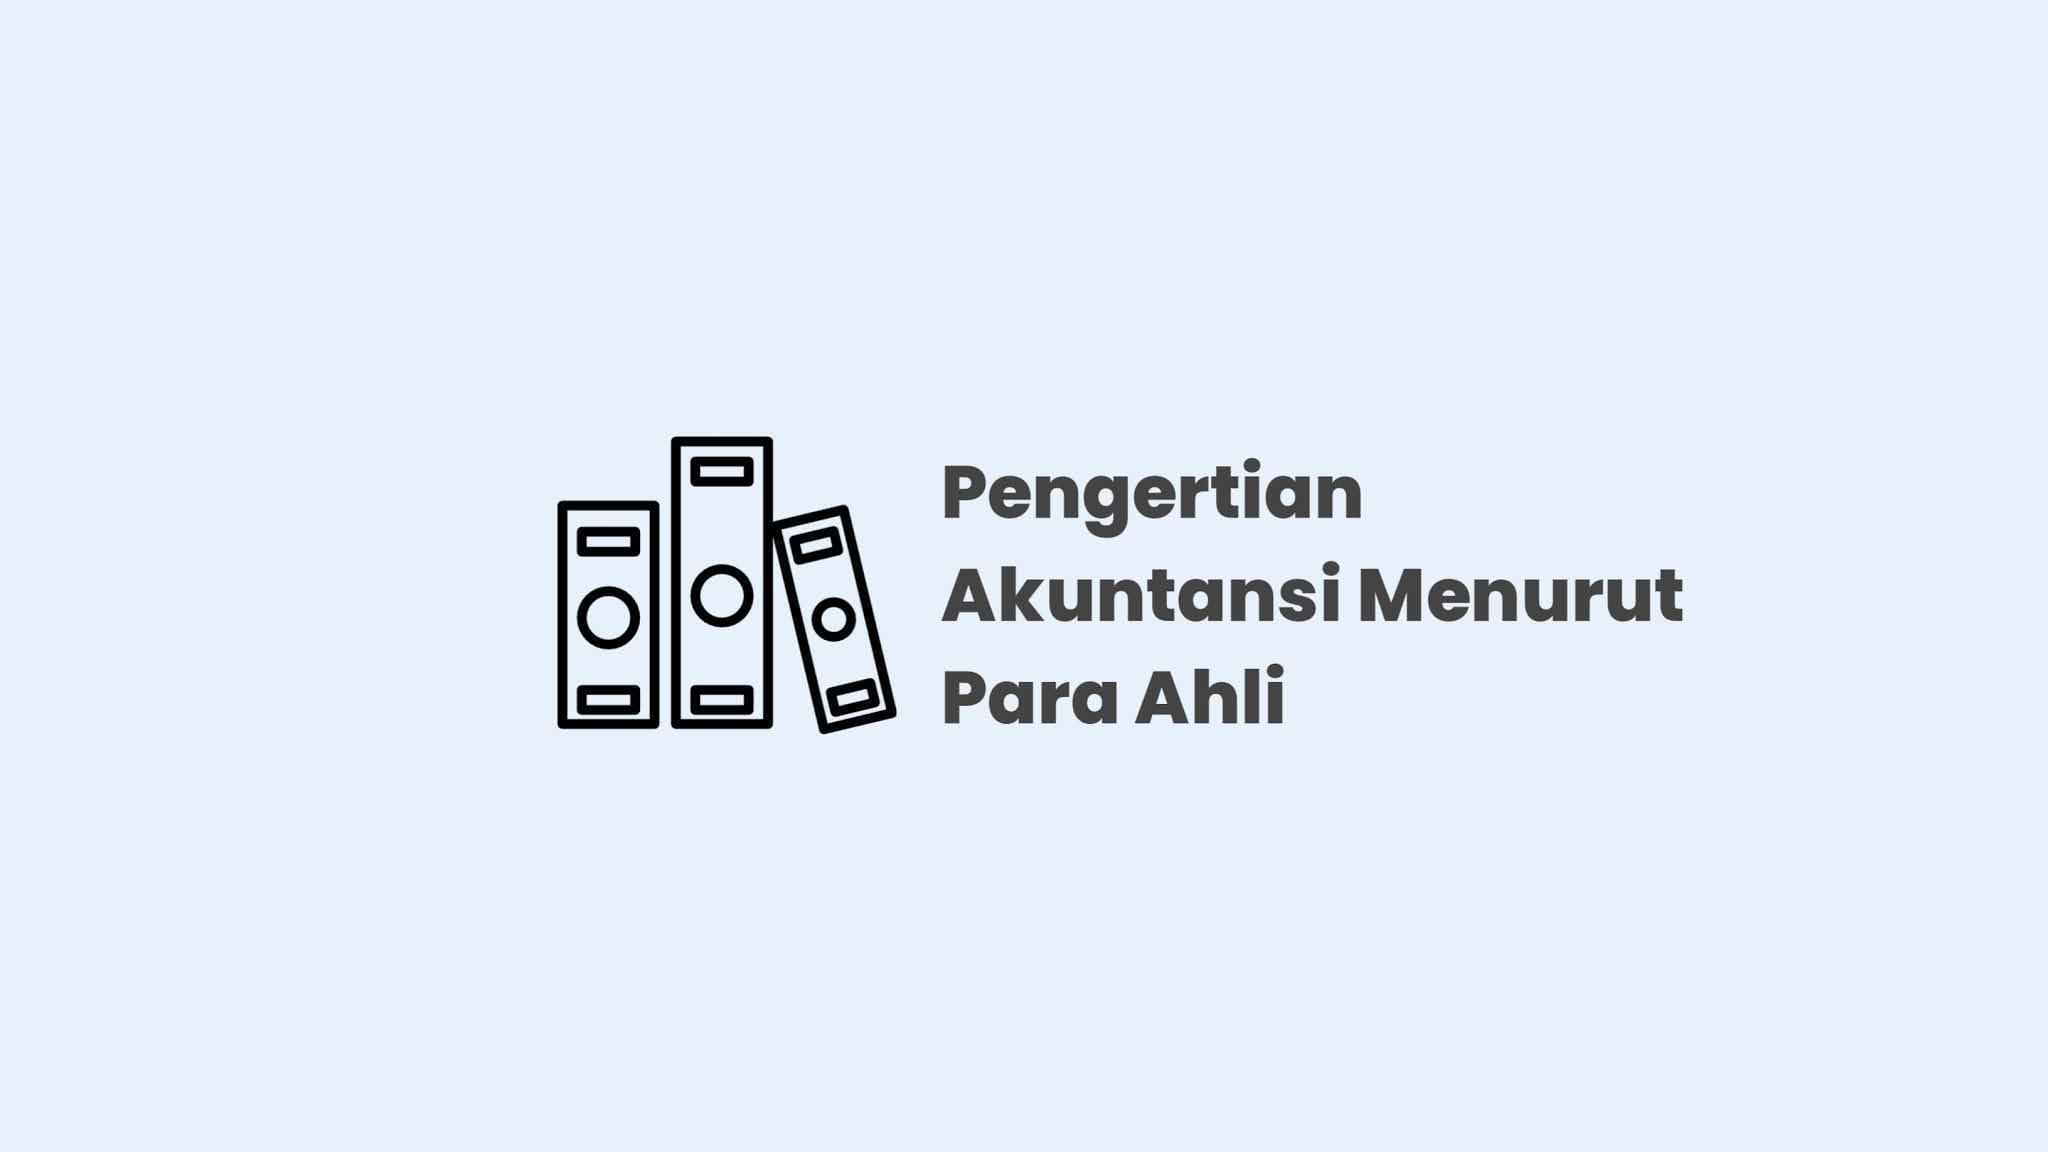 Pengertian Akuntansi Menurut Para Ahli Paling Lengkap dan Detail